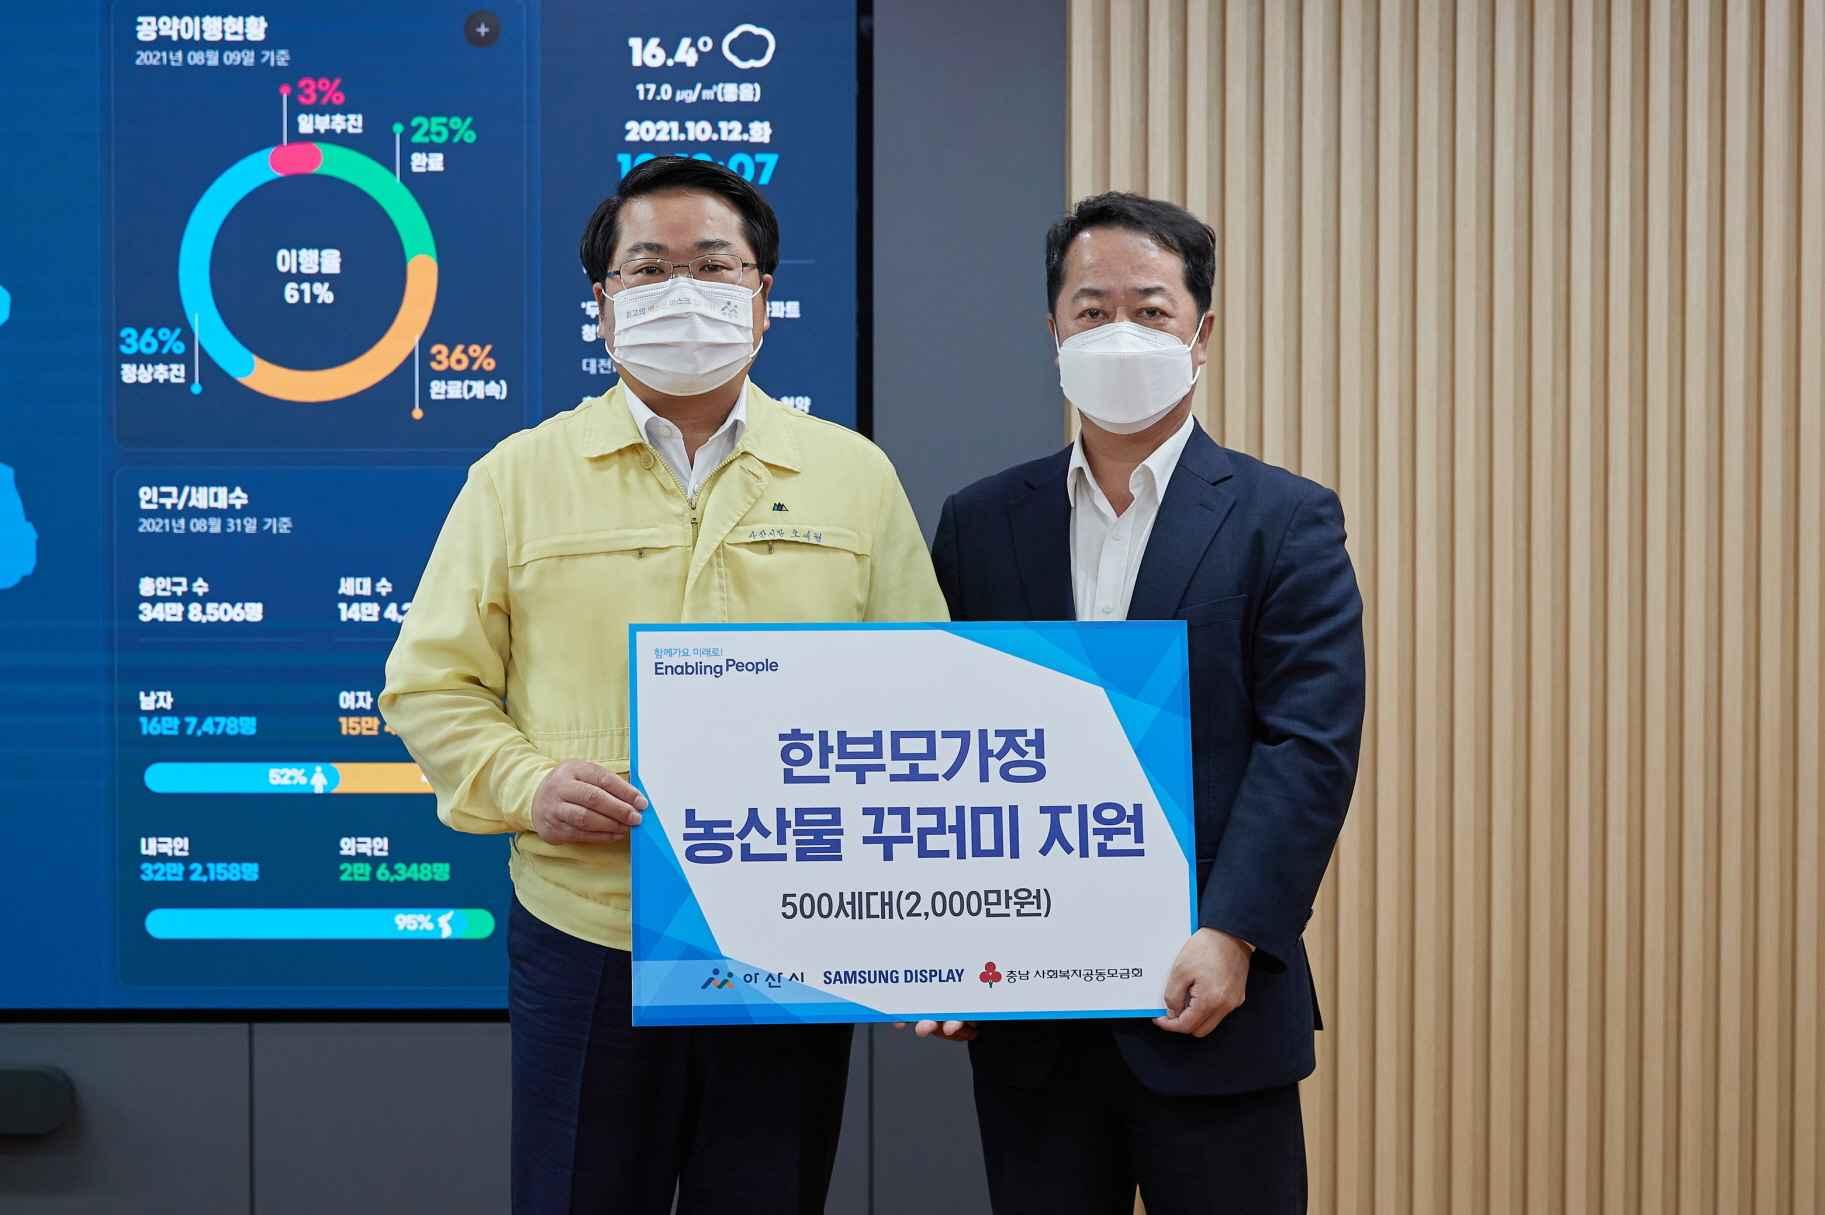 삼성디스플레이, 아산시에 농산물꾸러미 전달 관련사진